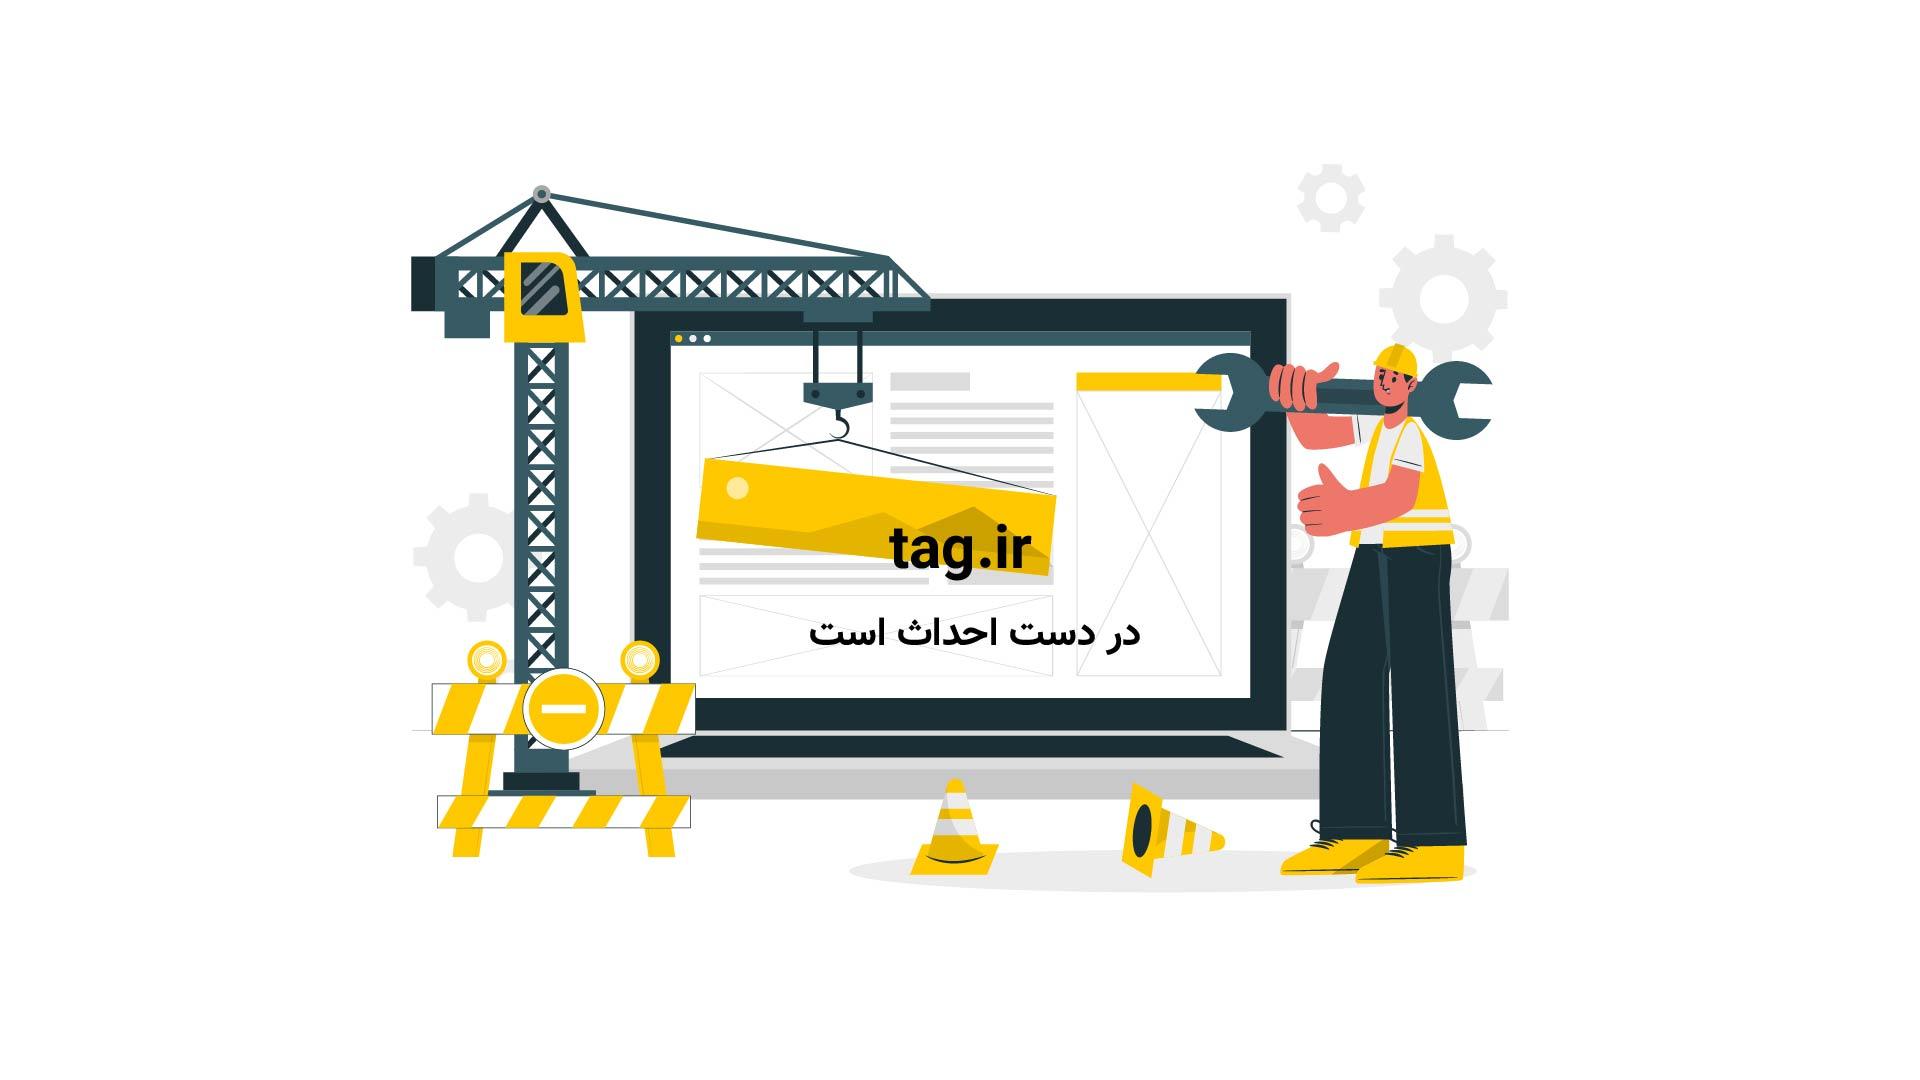 کوین ریچاردسون؛ سلطان رام شیرهای درنده | فیلم